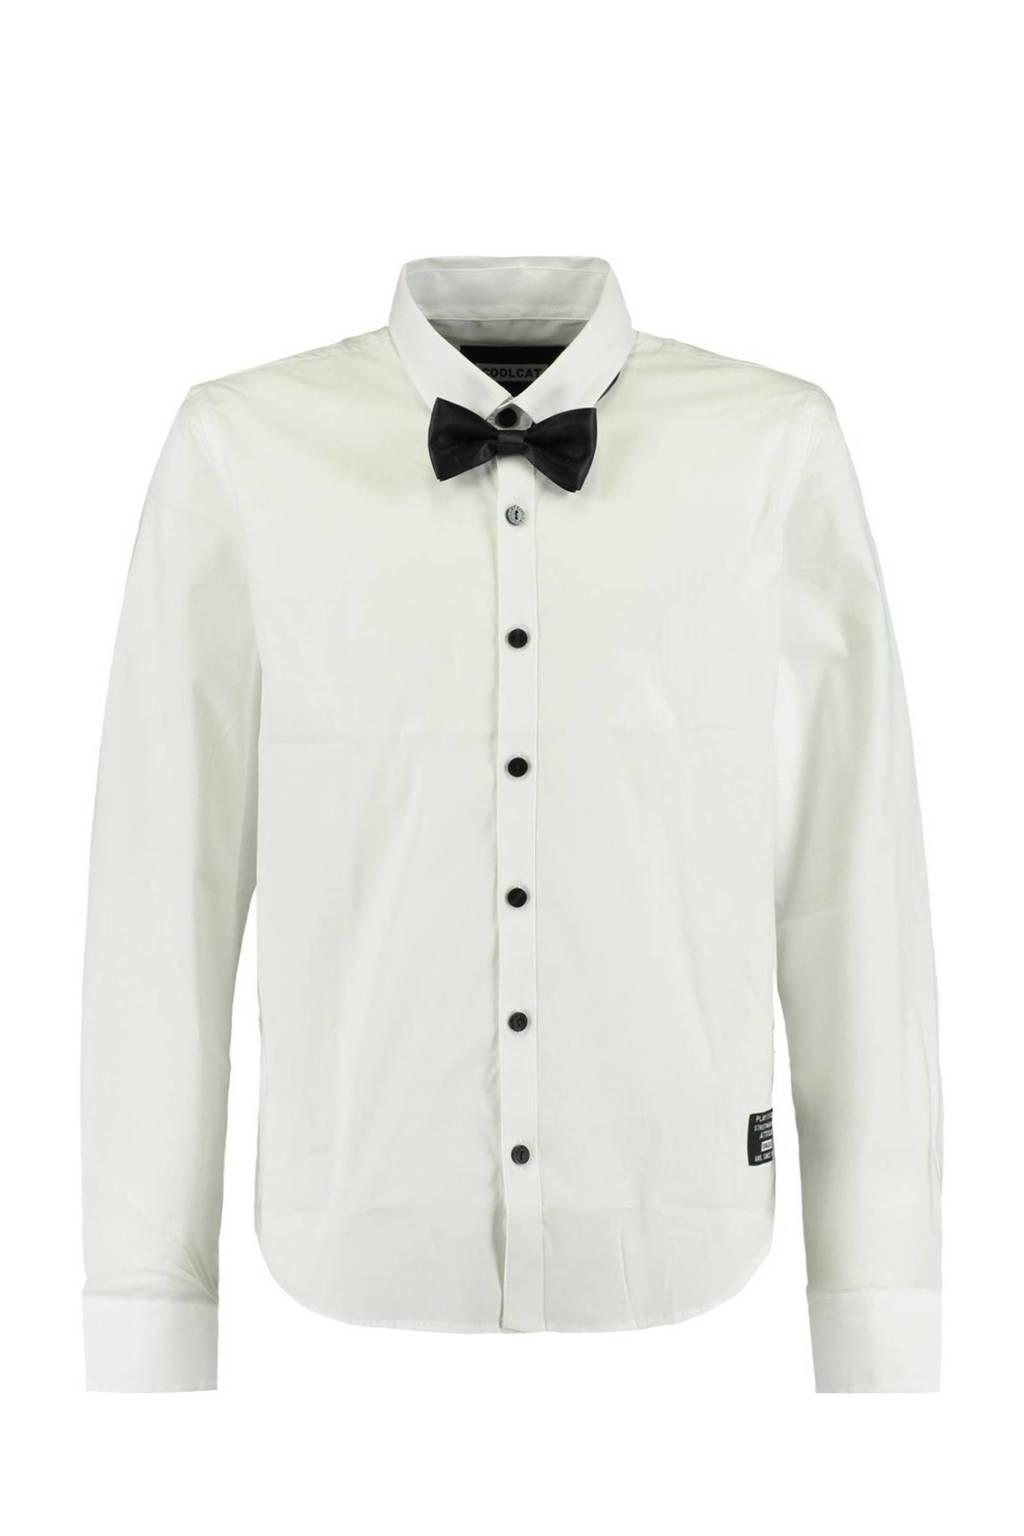 CoolCat Junior overhemd Bob met afneembare strik wit/zwart, Wit